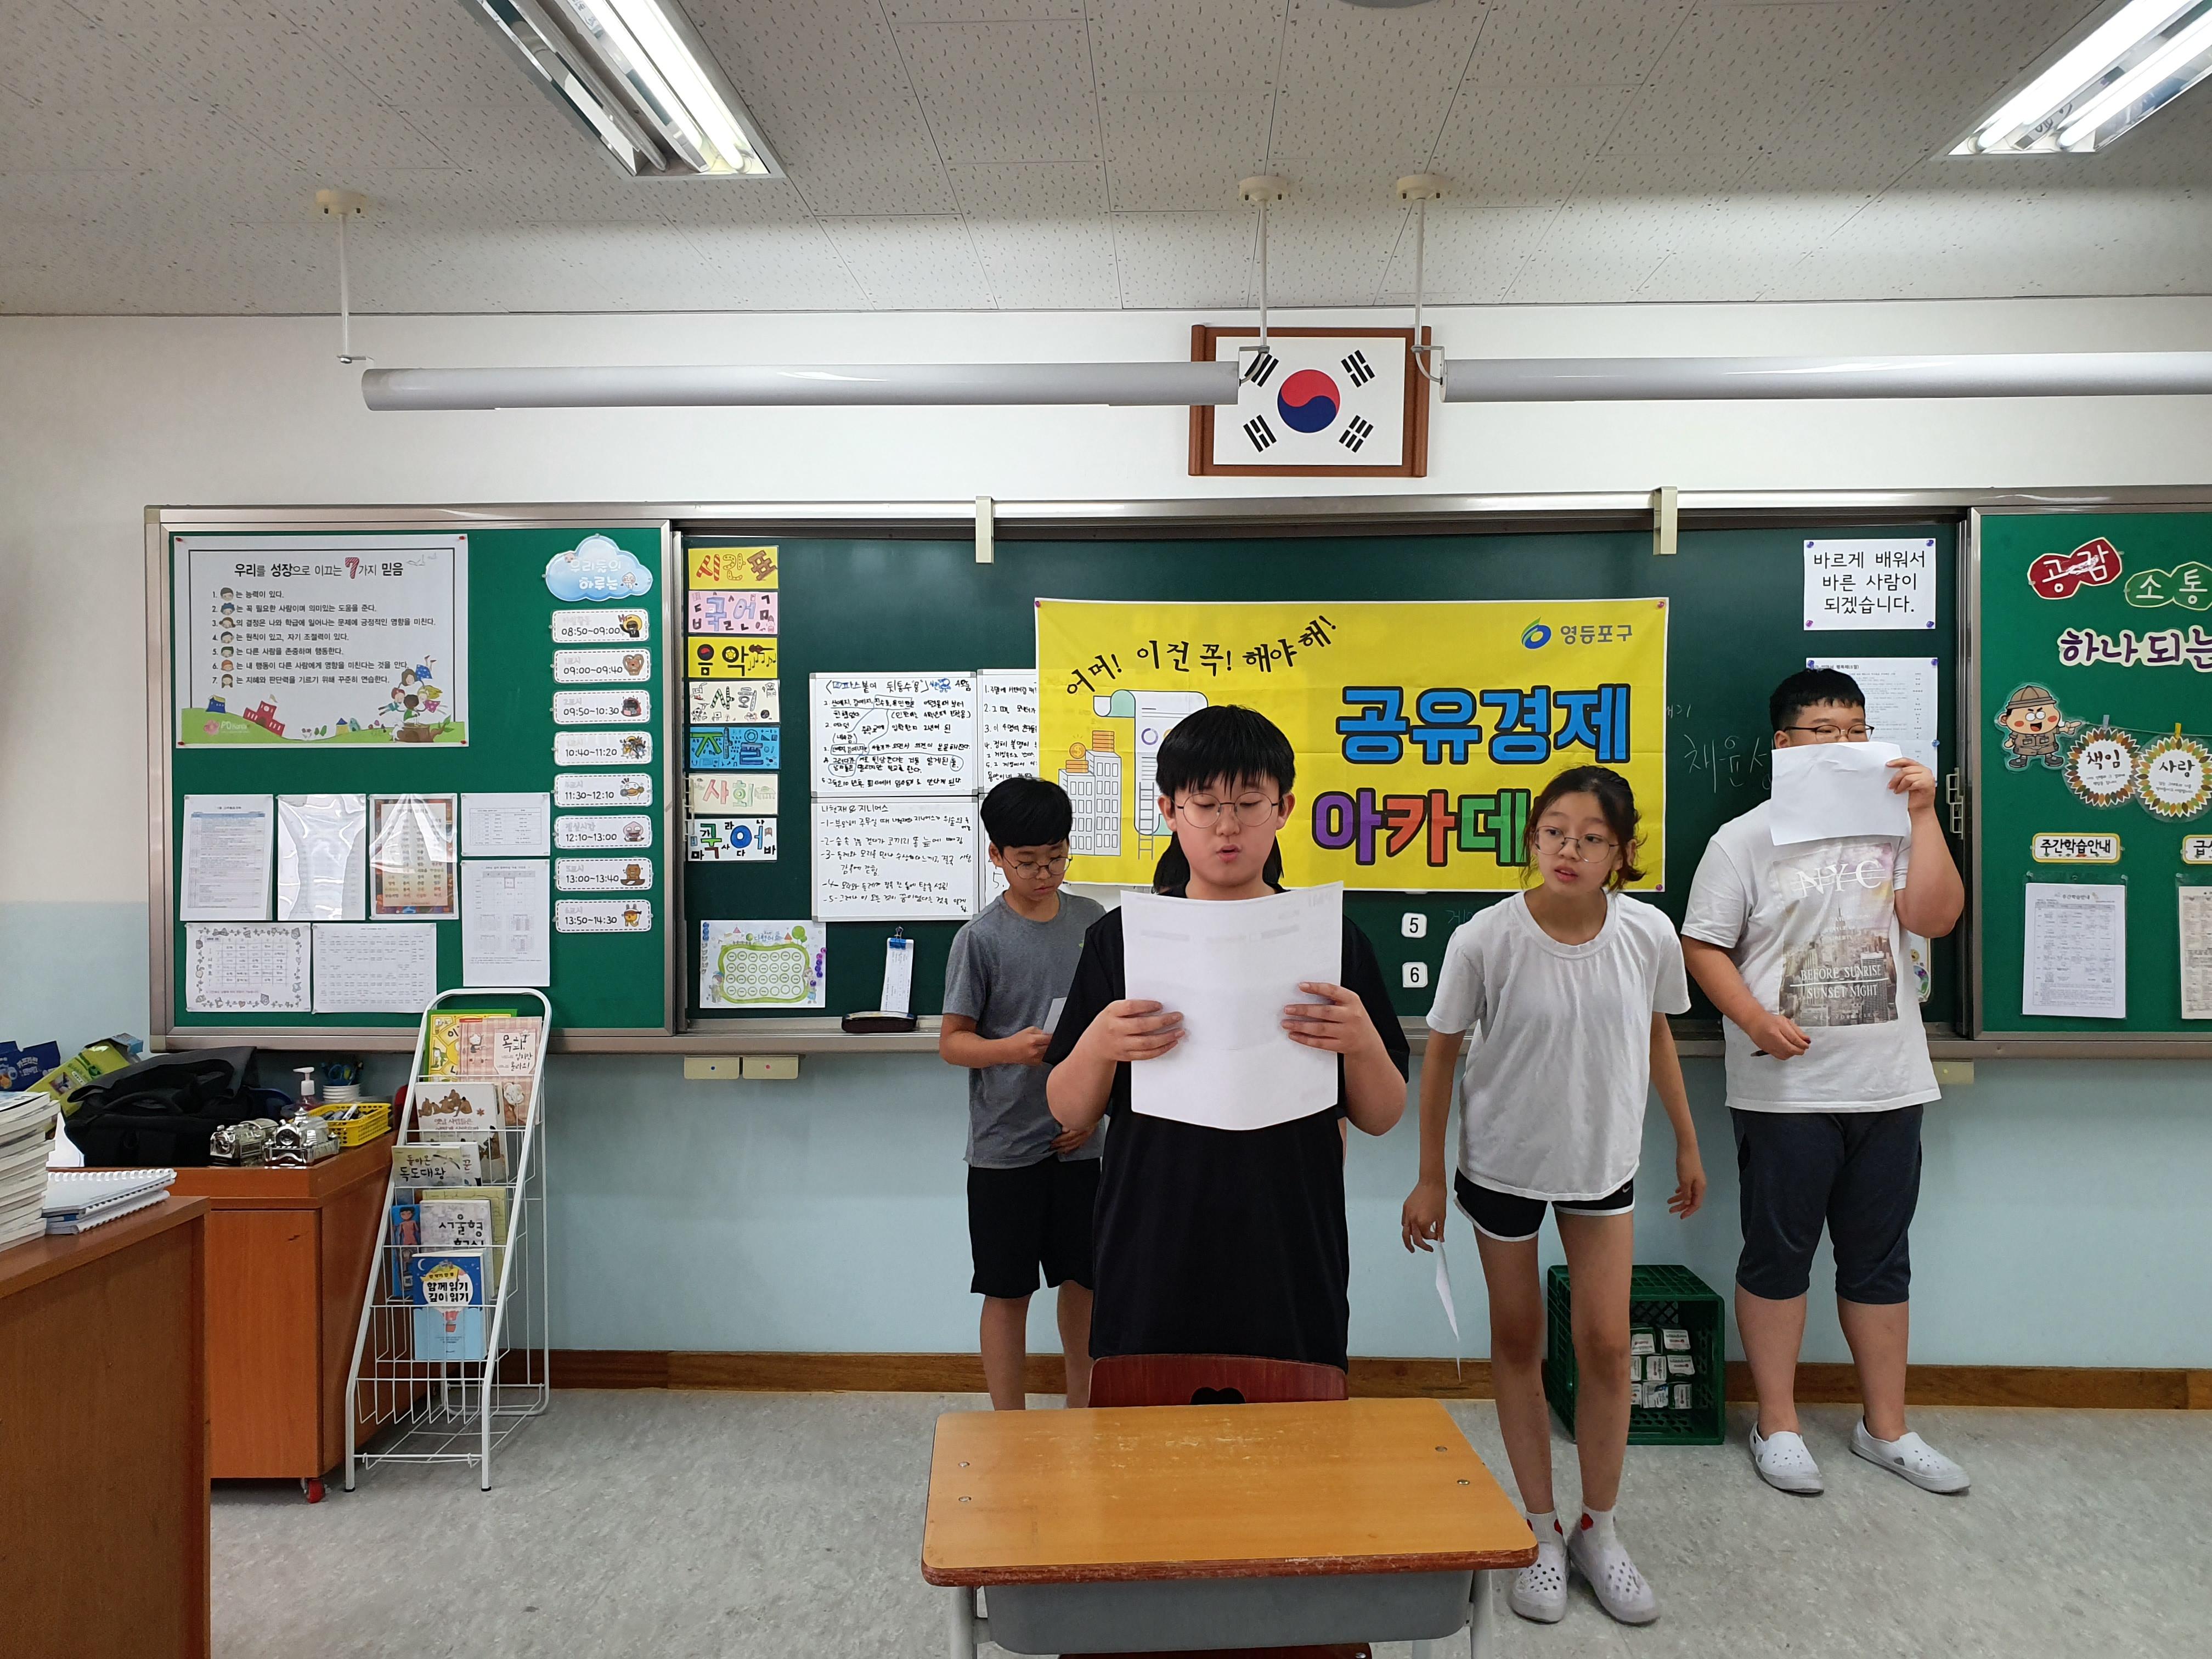 2019 영등포구 공유경제 아카데미 '영문초등학교'